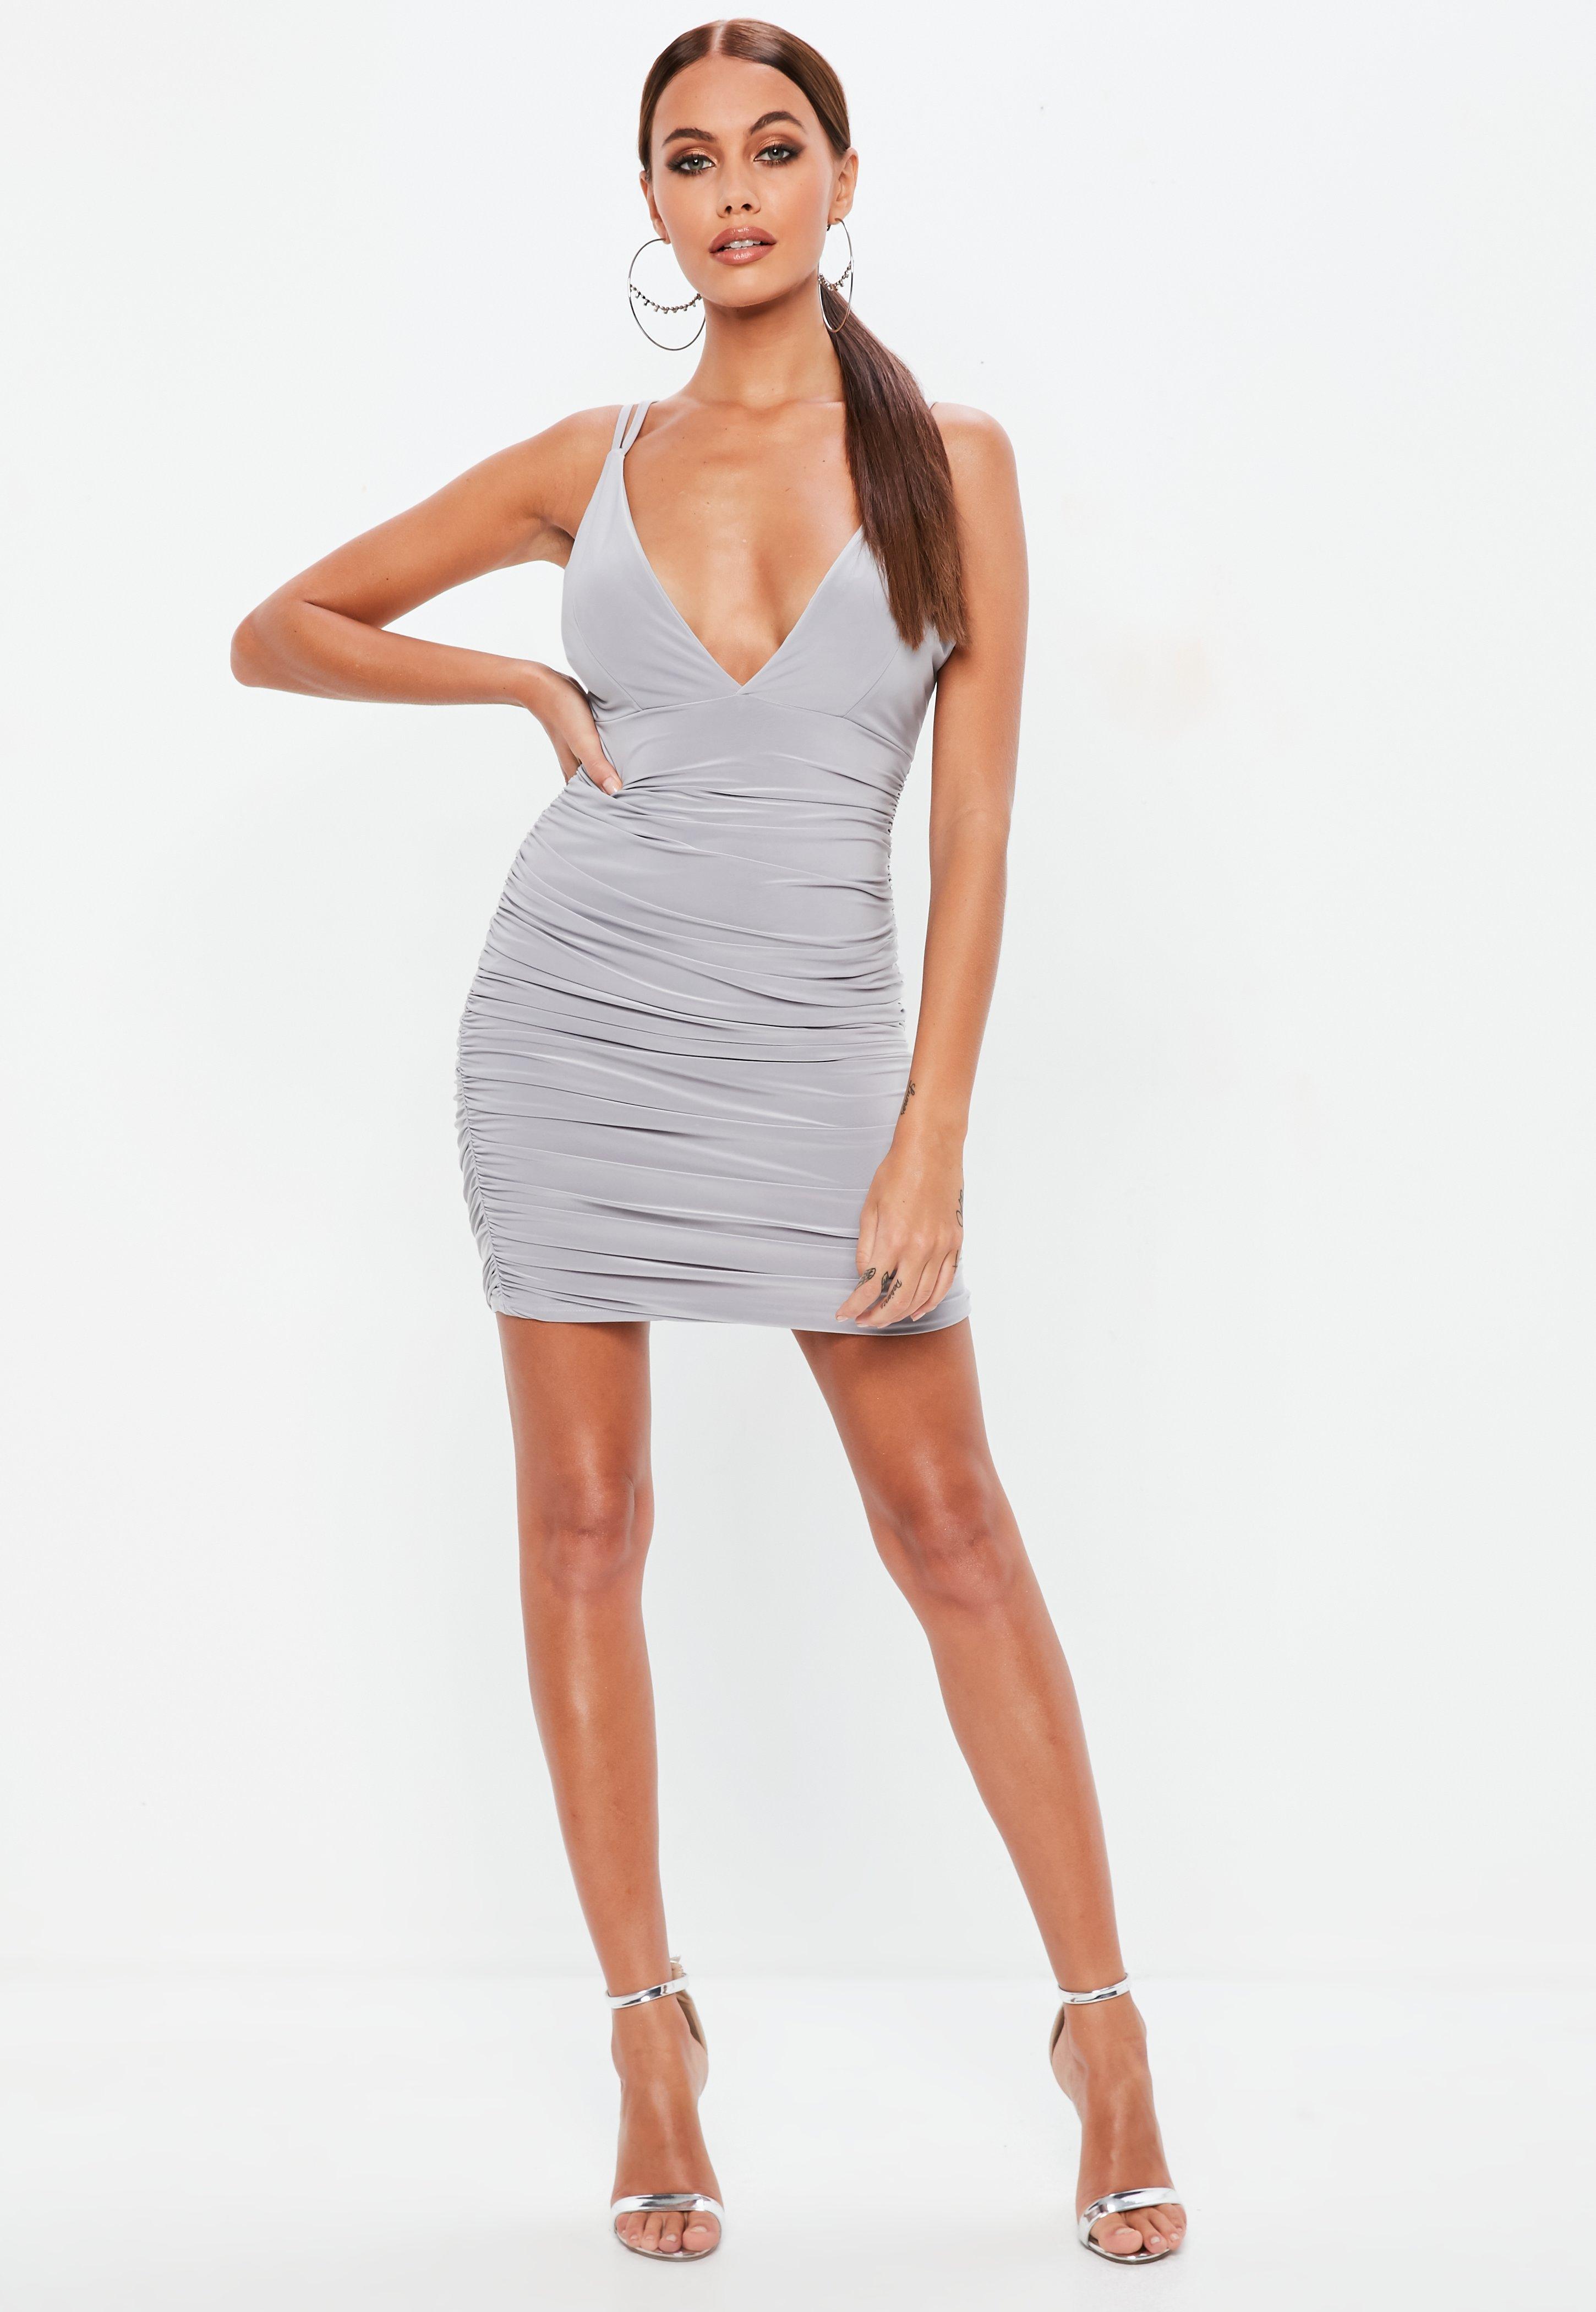 Vestidos con escote en V | Vestidos escotados - Missguided